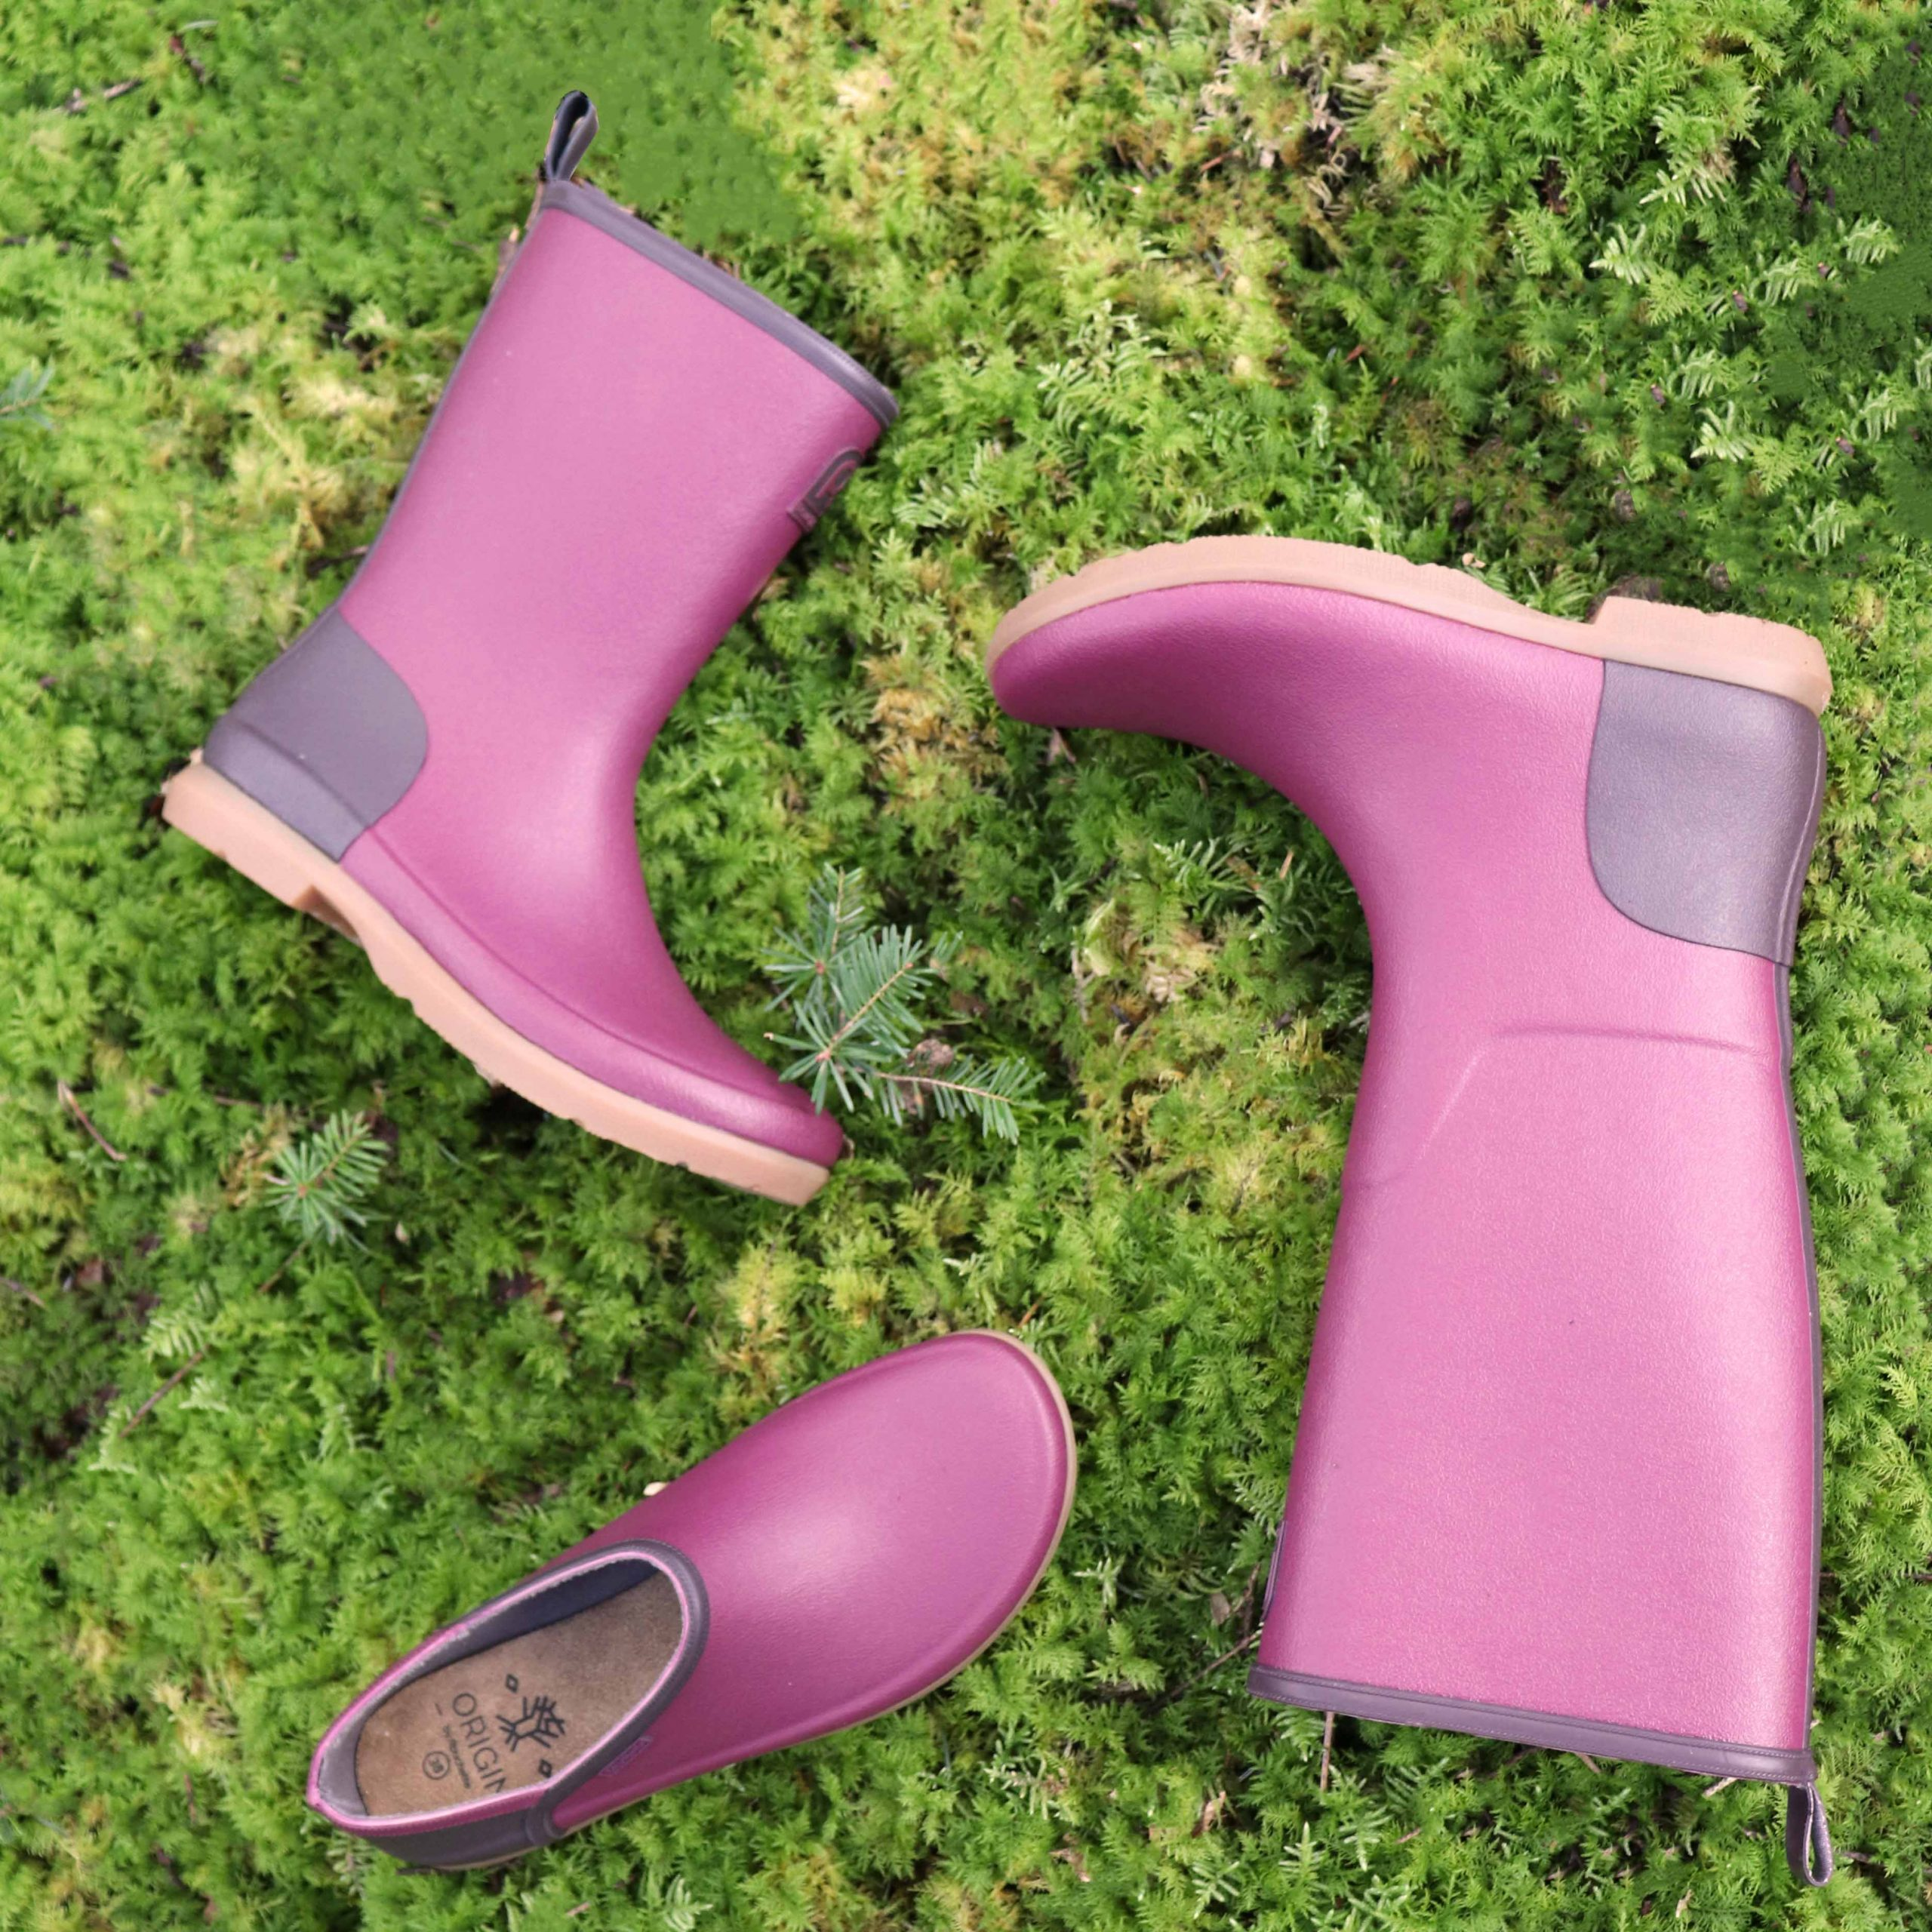 Rouchette : Fabricant De Bottes Et Sabots Pour Jardin ... destiné Chaussure Jardin